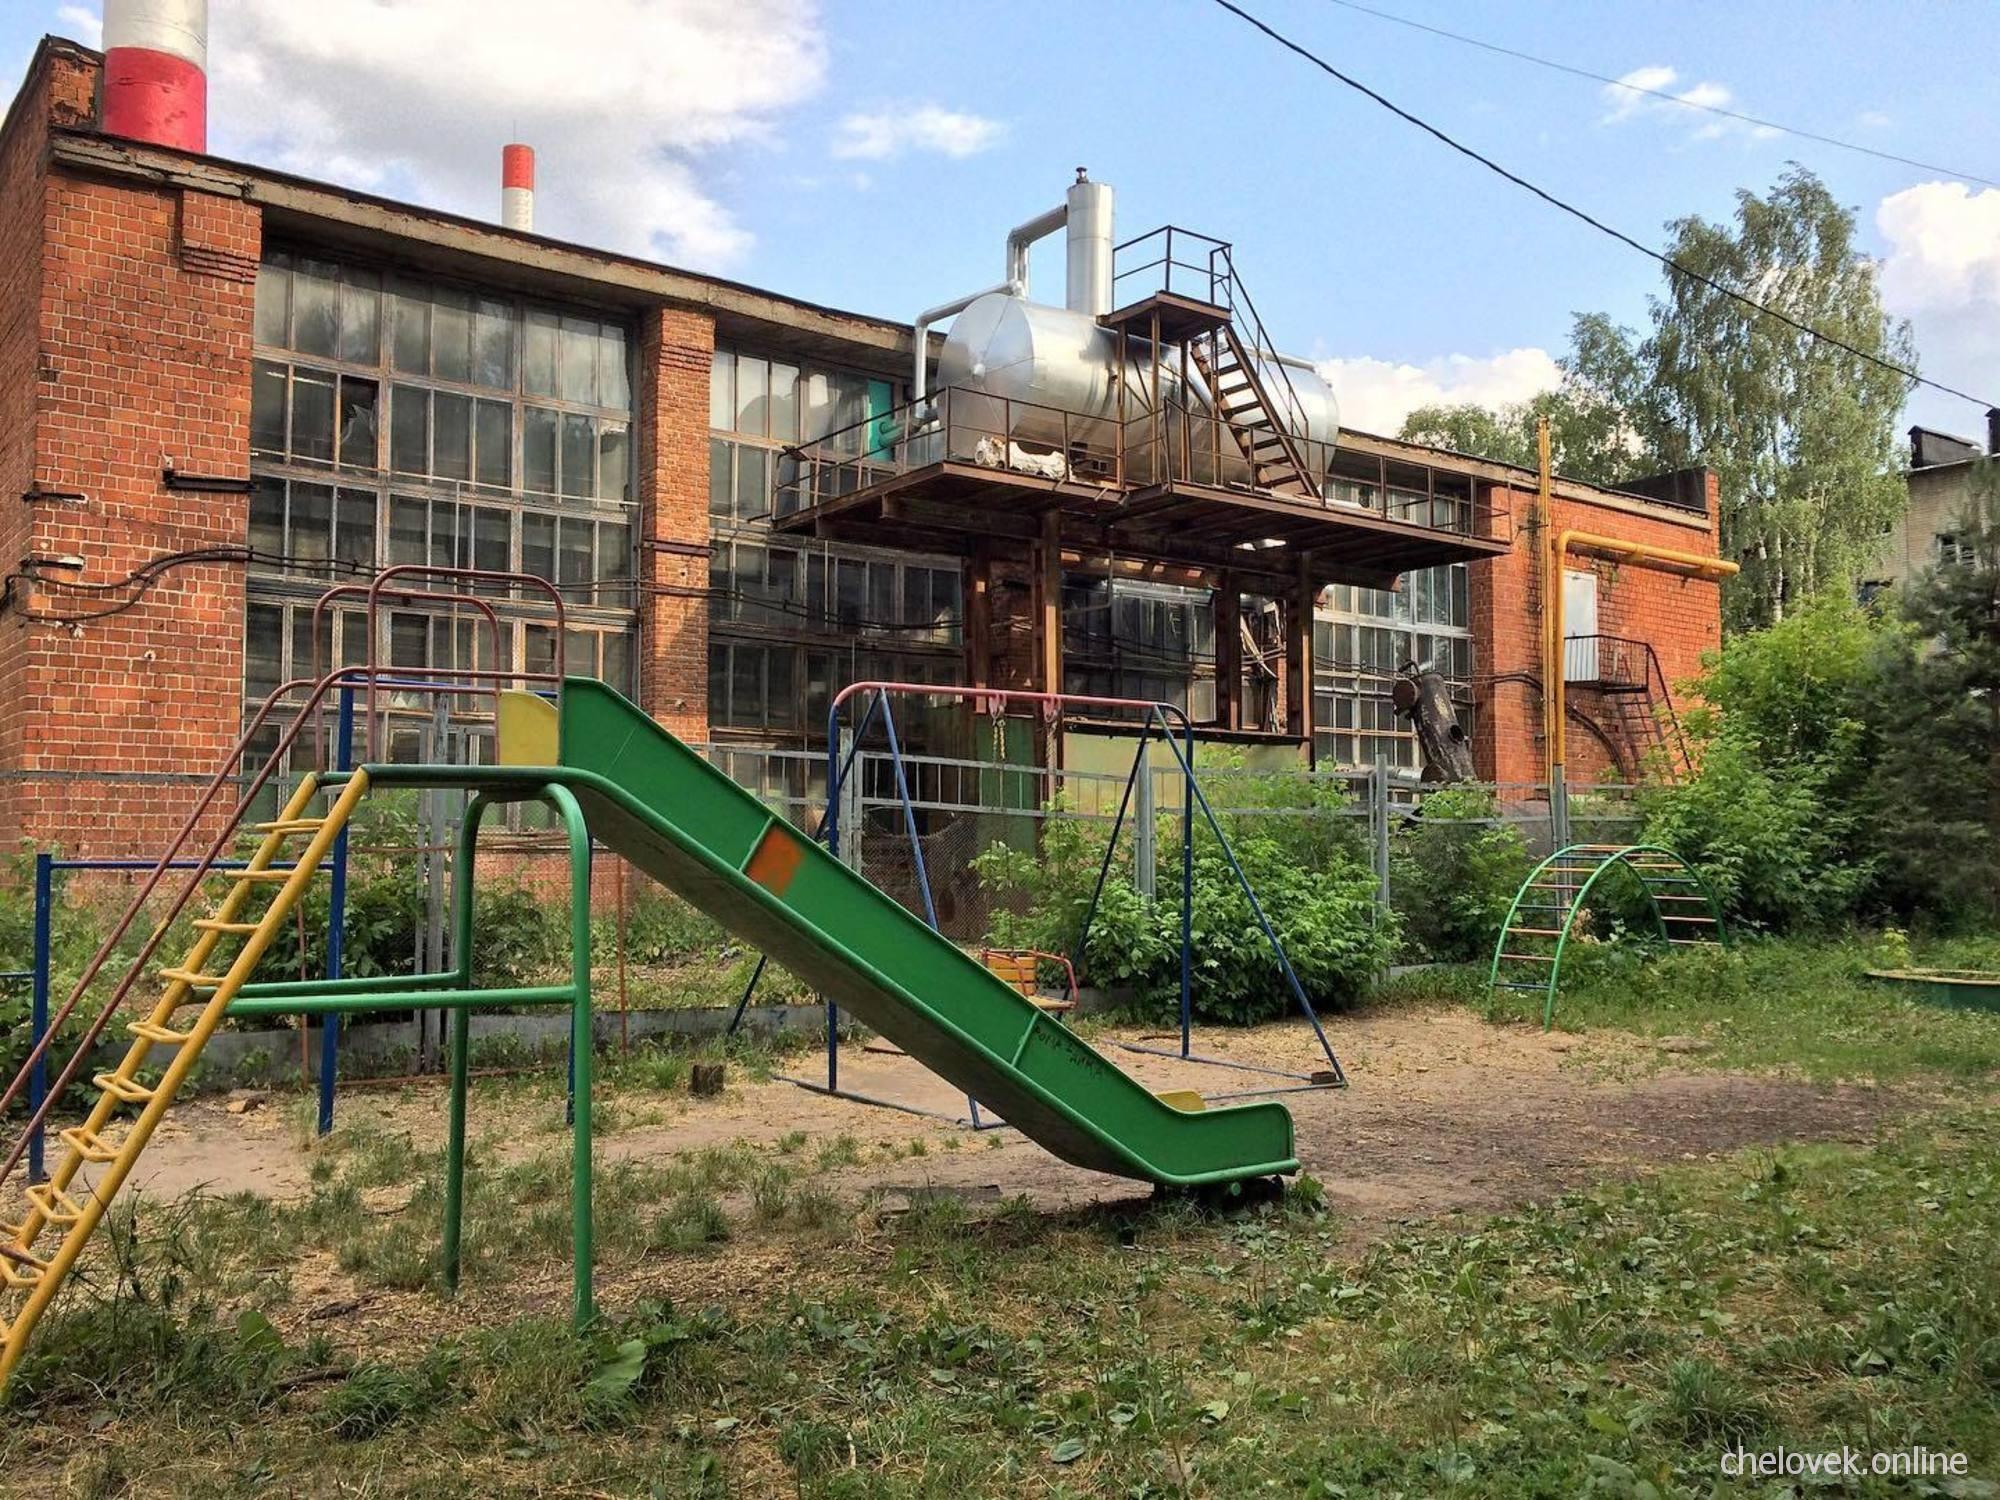 Детская горка на фоне газовой котельной, где-то в России